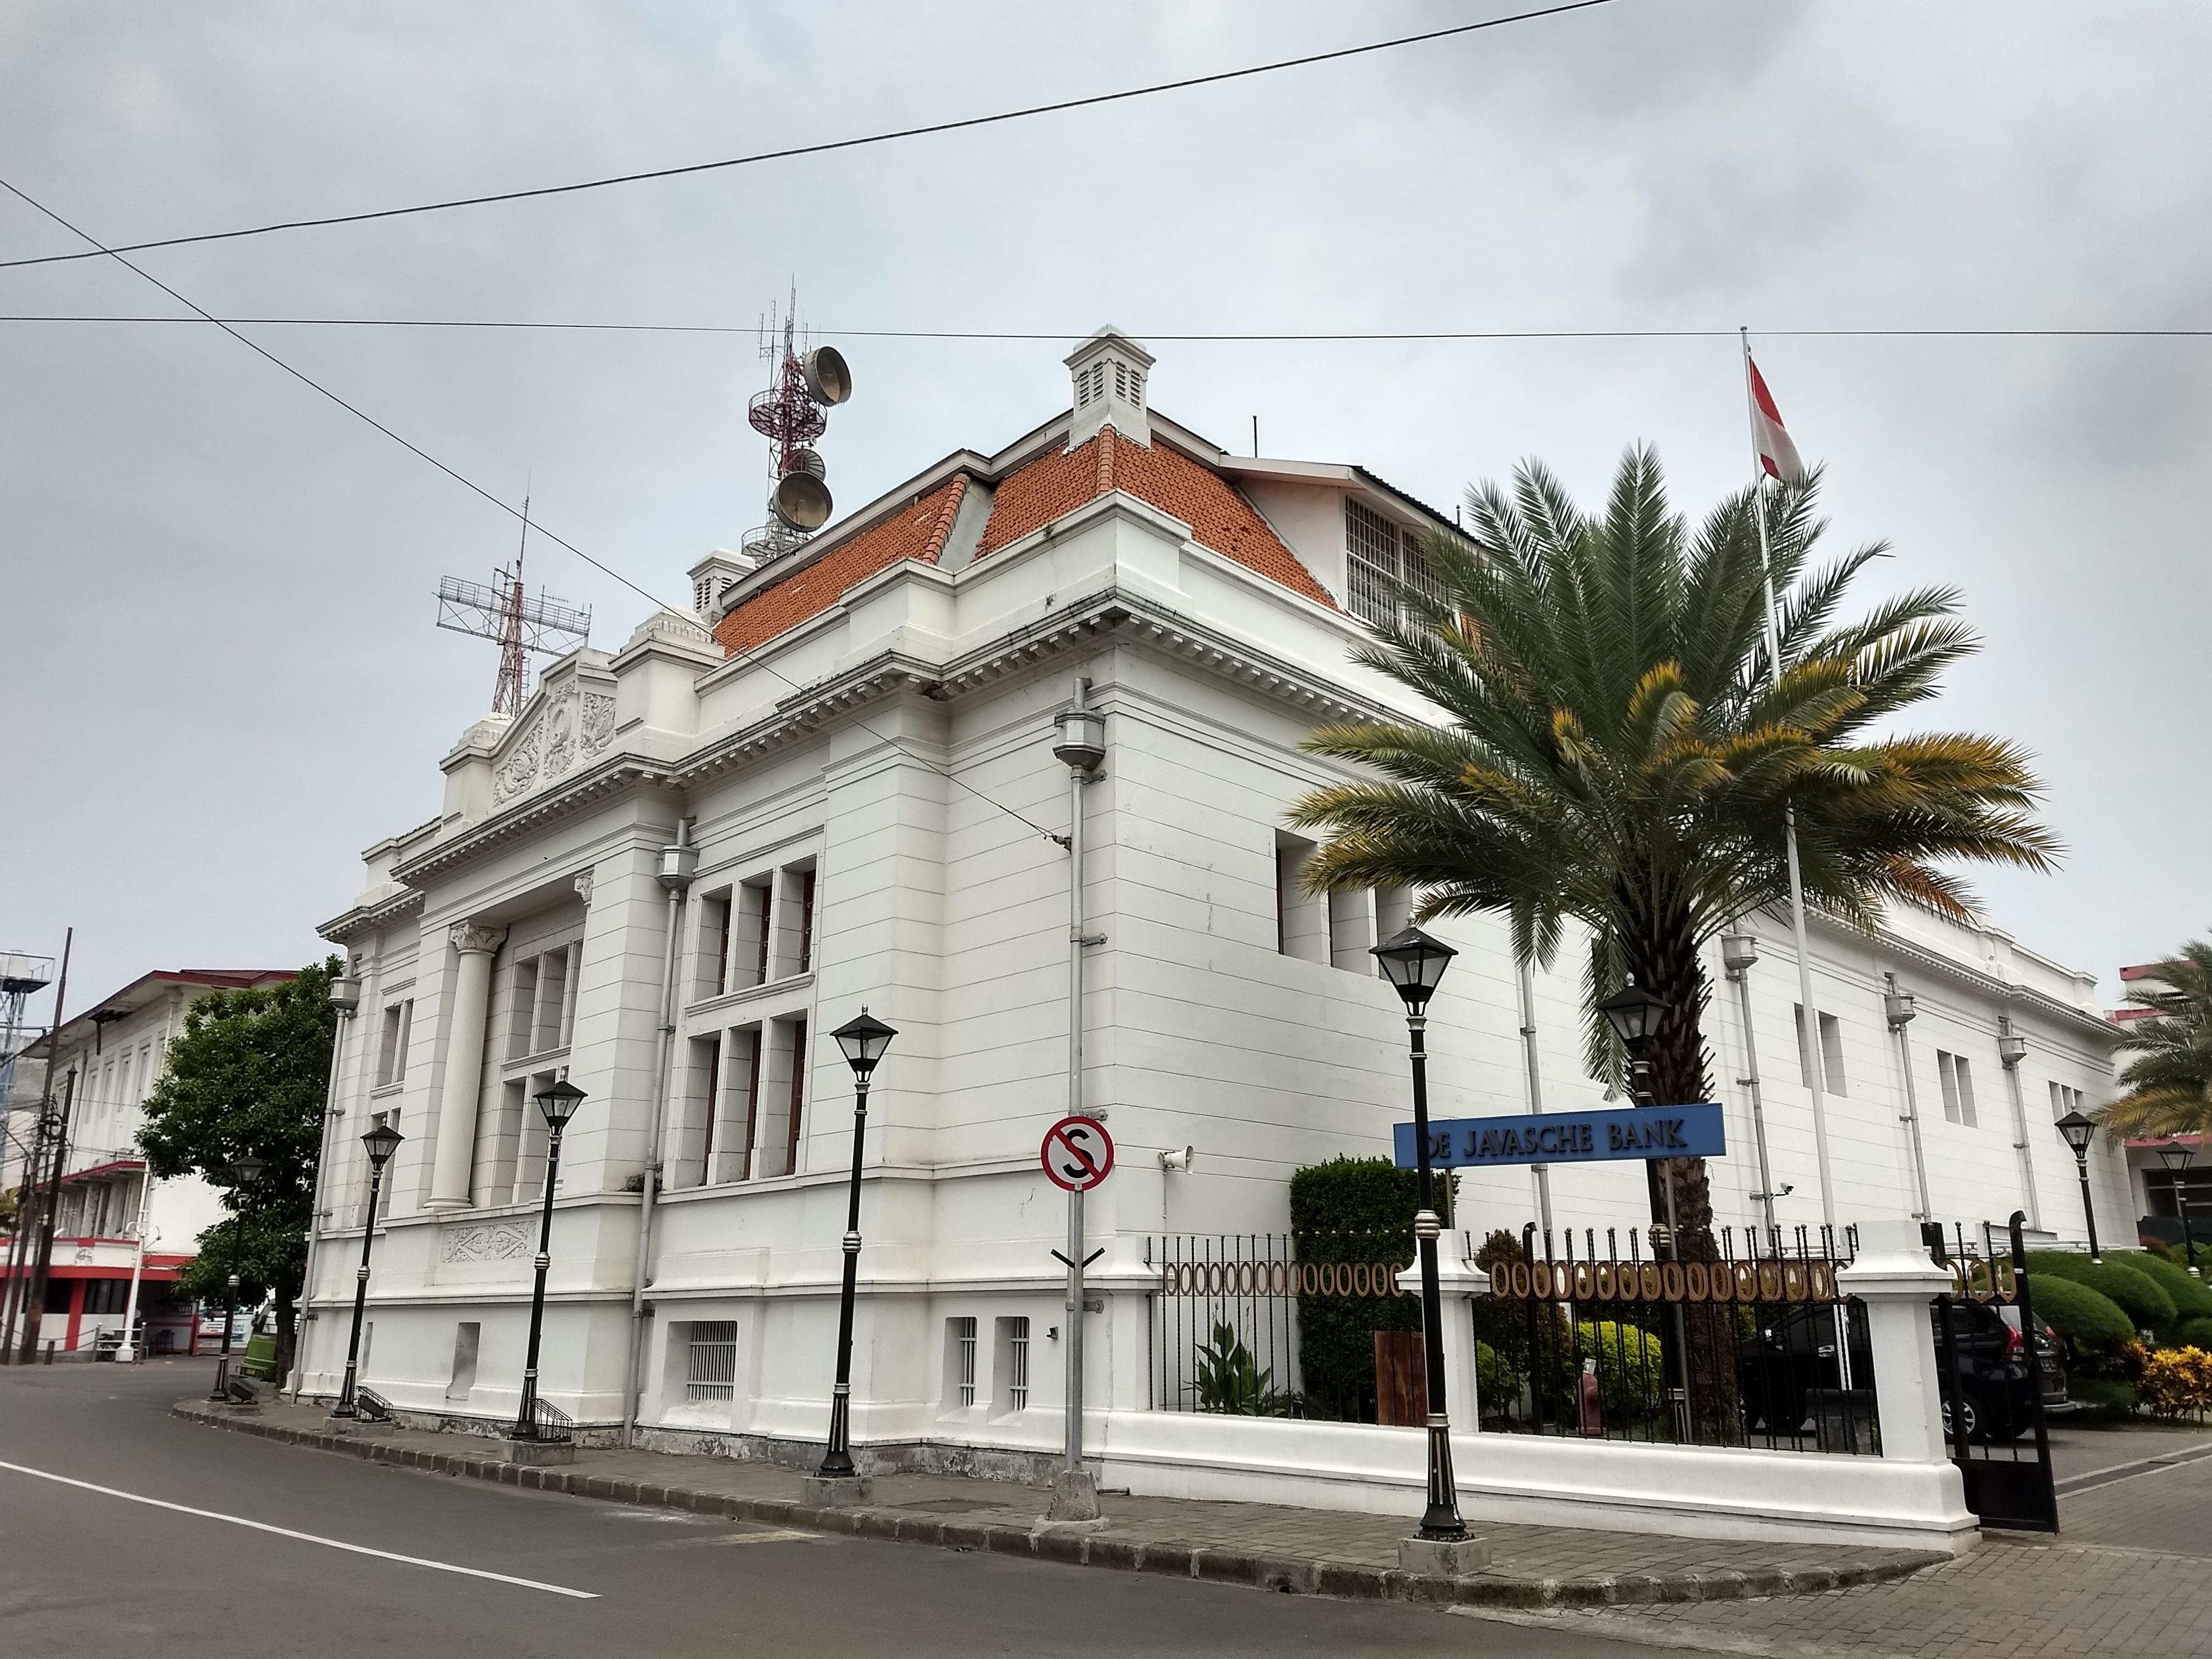 Ex de javasche bank | Sumber: Wikipedia.id